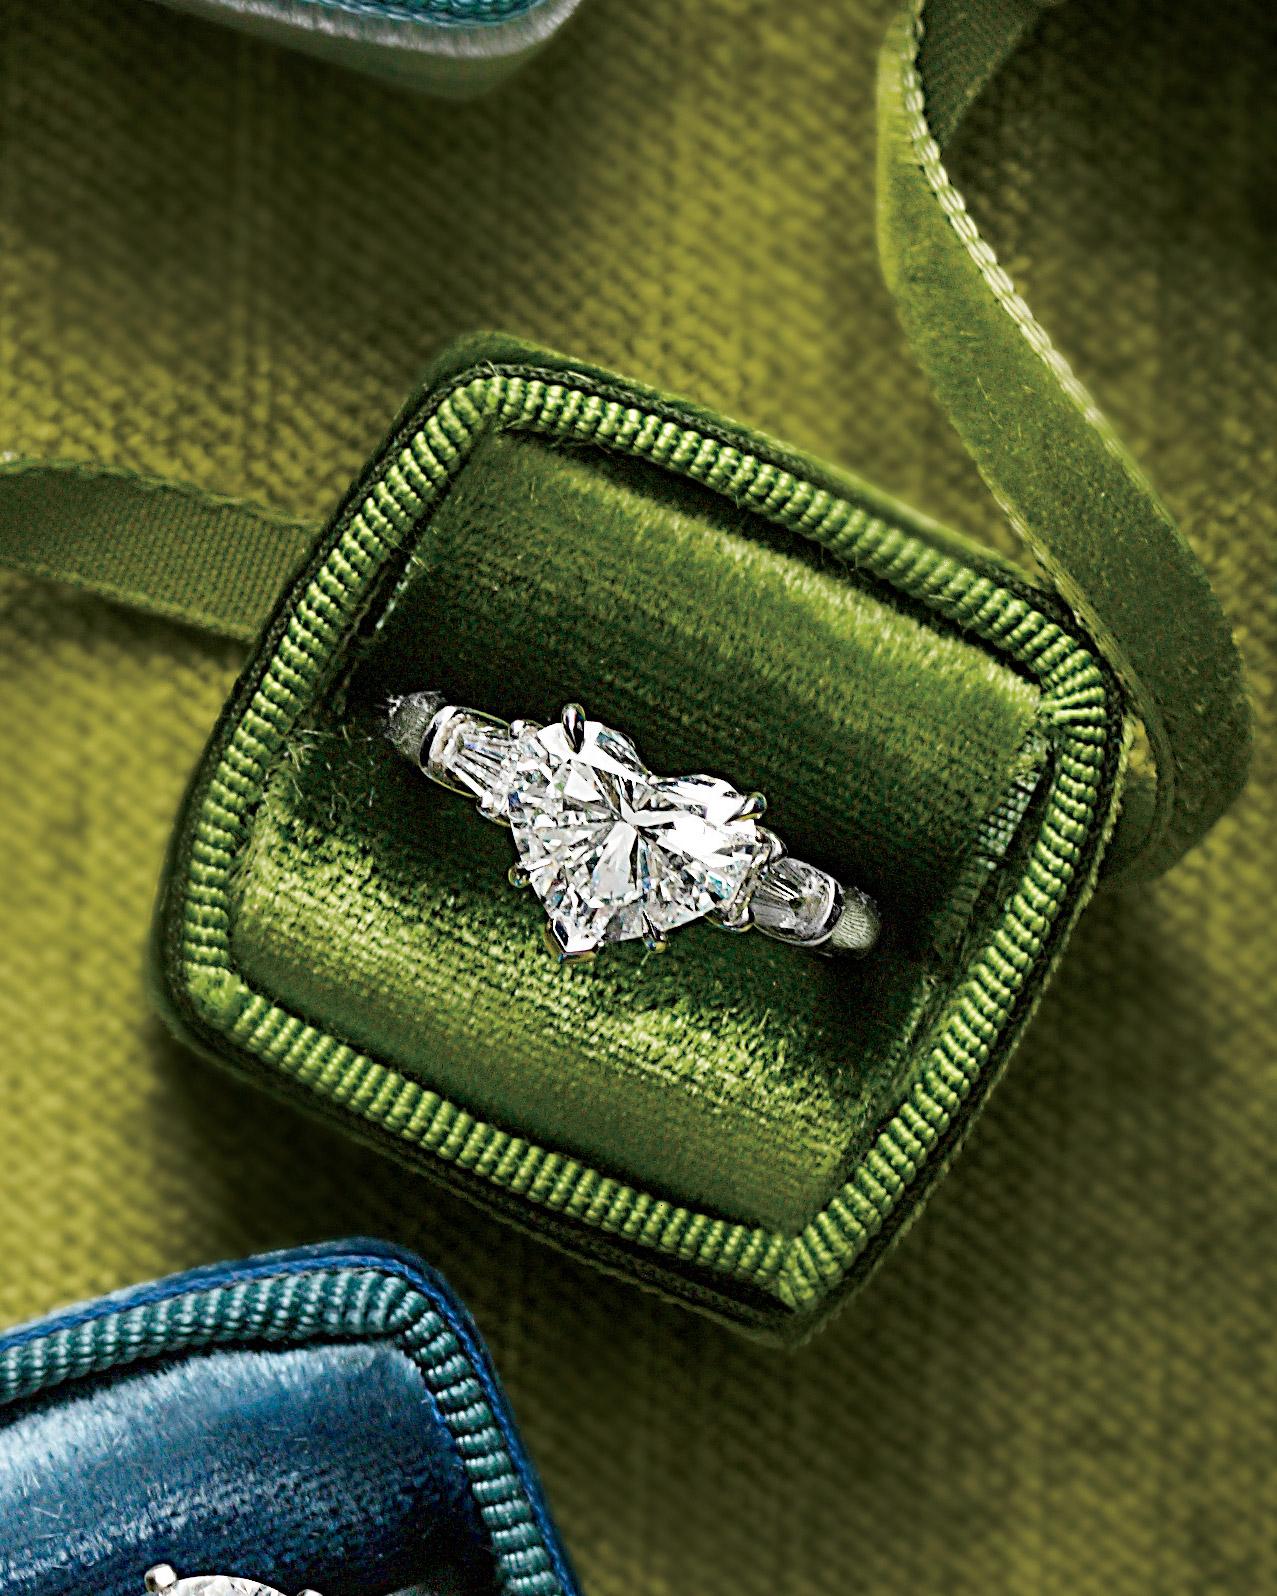 rings-10-mwd107940.jpg